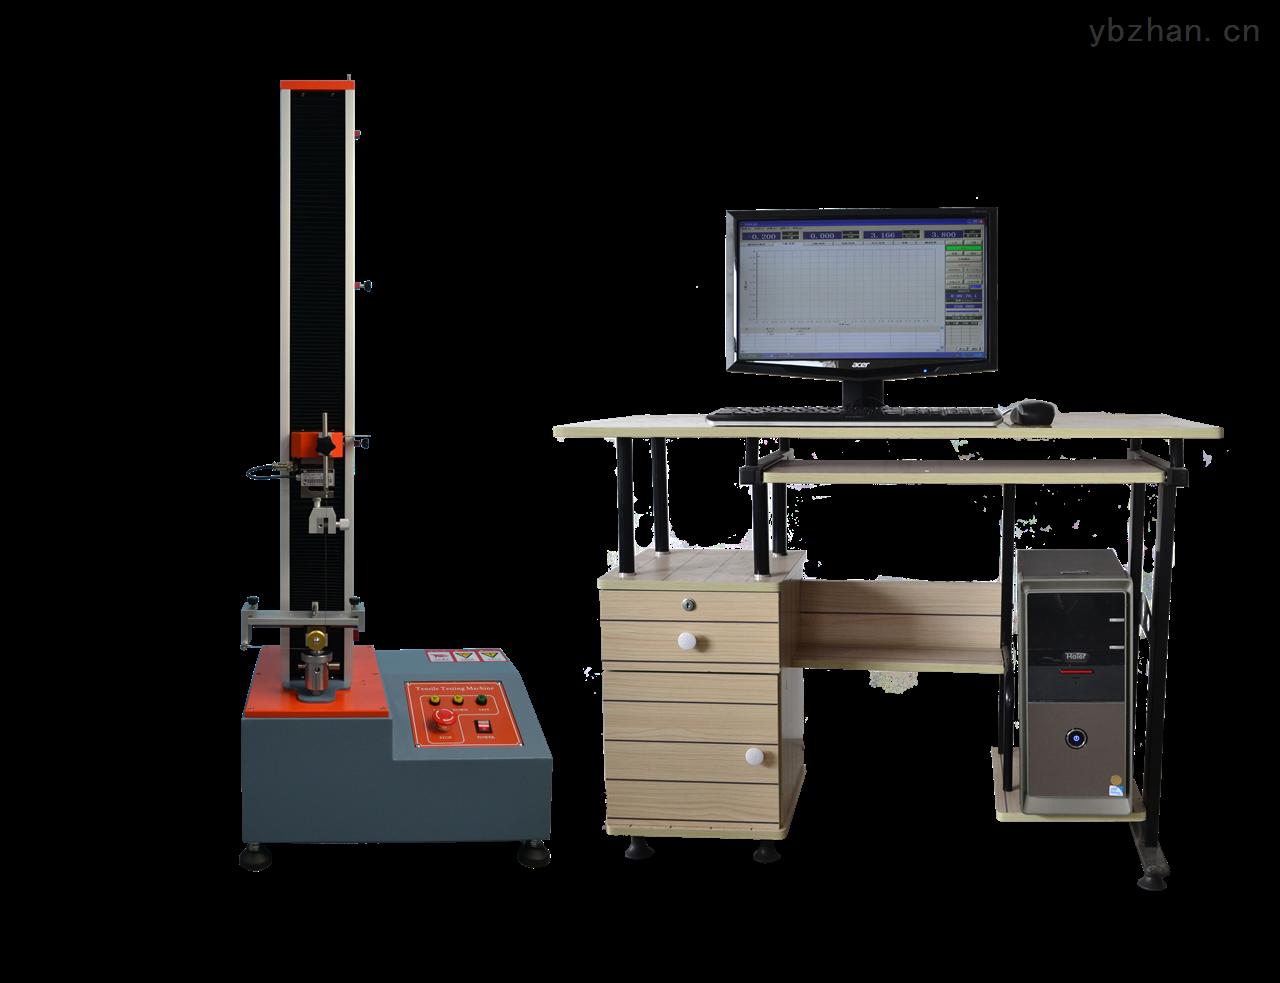 电脑伺服拉力试验机 胶带拉伸试验机 薄膜拉伸试验机